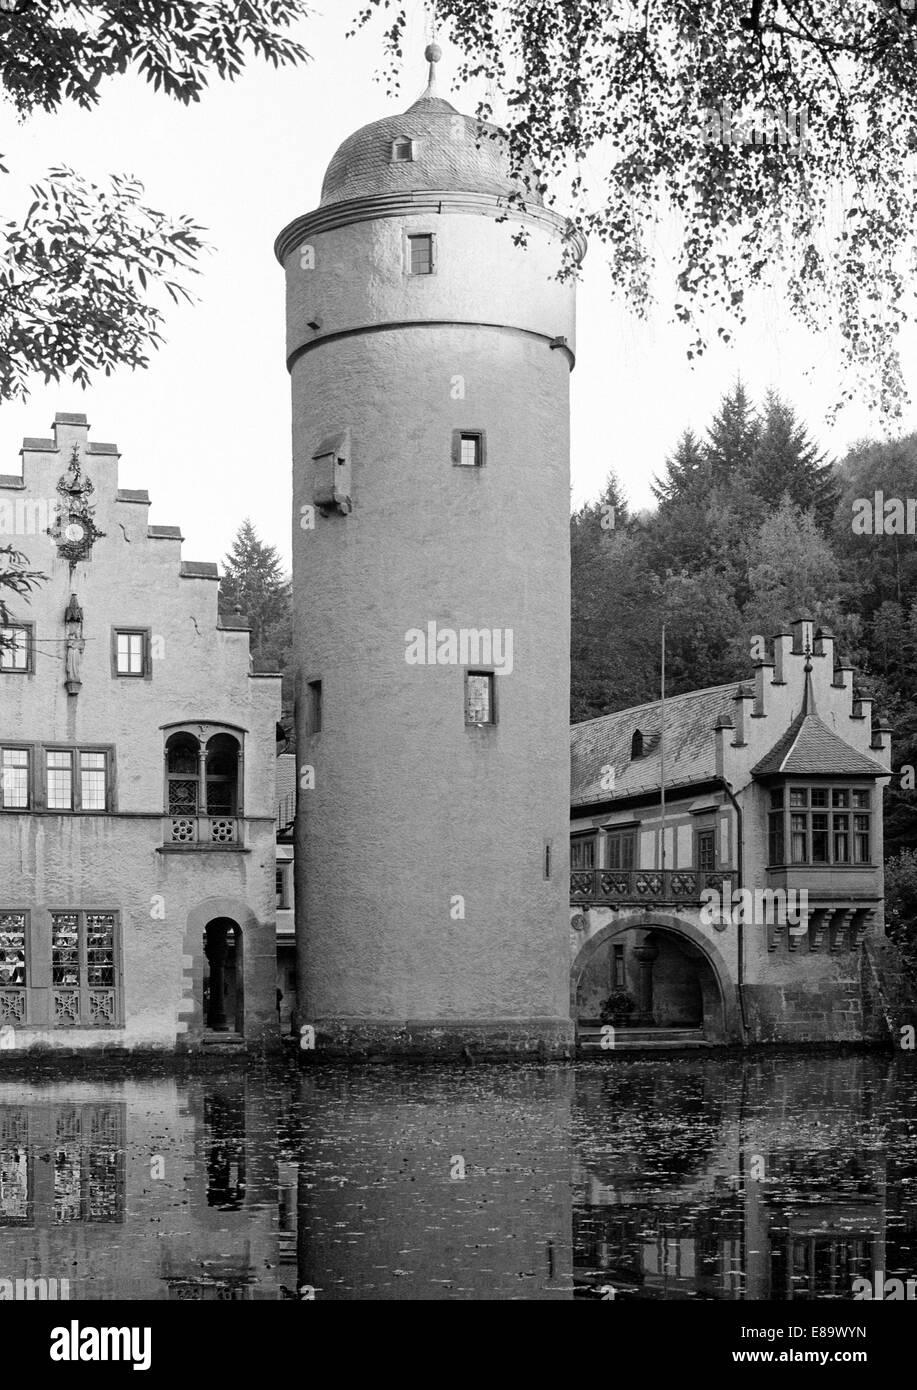 Siebziger Jahre, Wasserschloss Mespelbrunn im Spessart, Naturpark Bayerischer Spessart, Unterfranken, Bayern - Stock Image